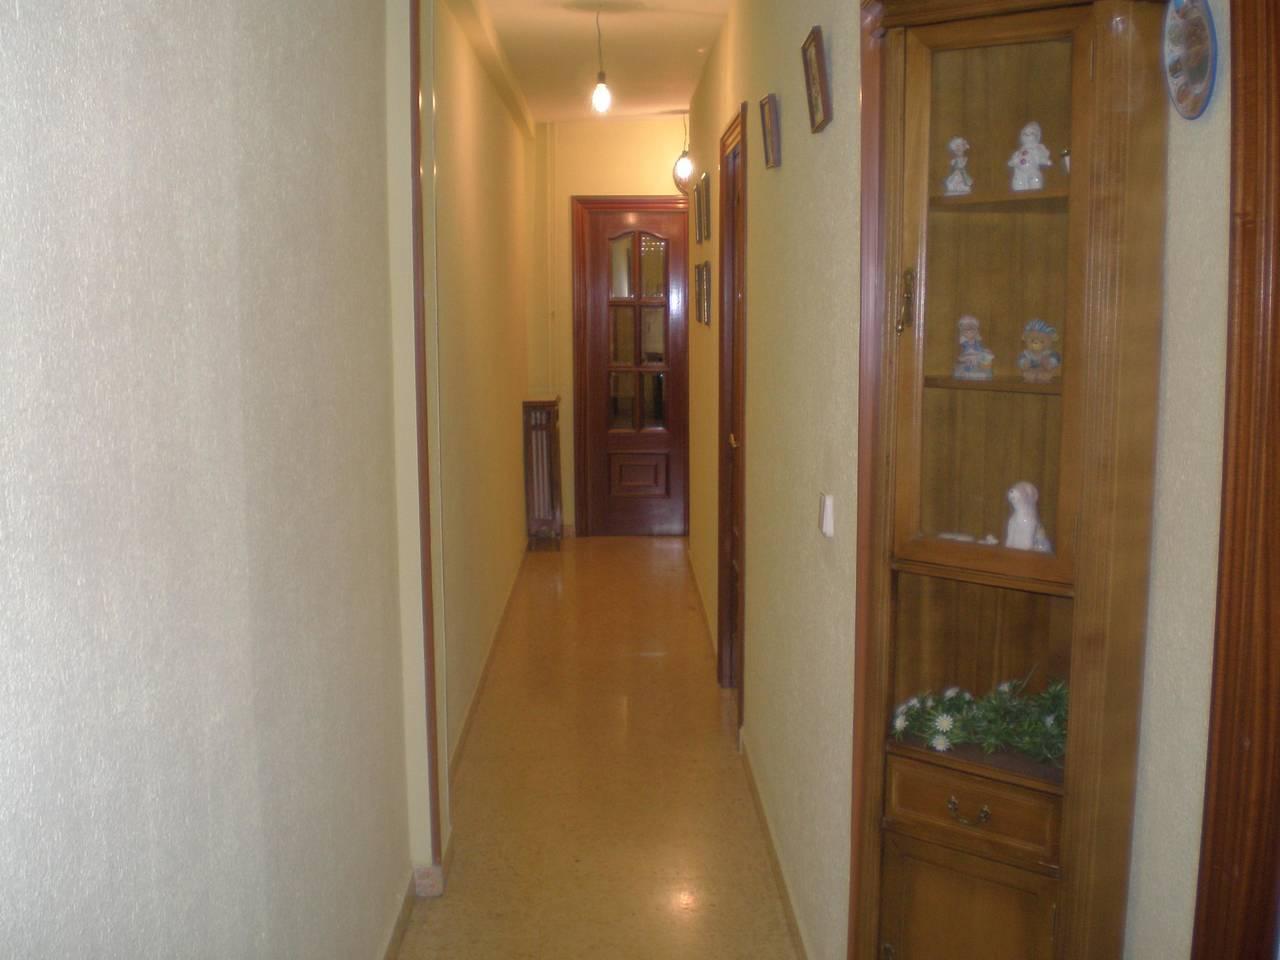 en soria se alquilan habitaciones en piso compartido  - Foto 2